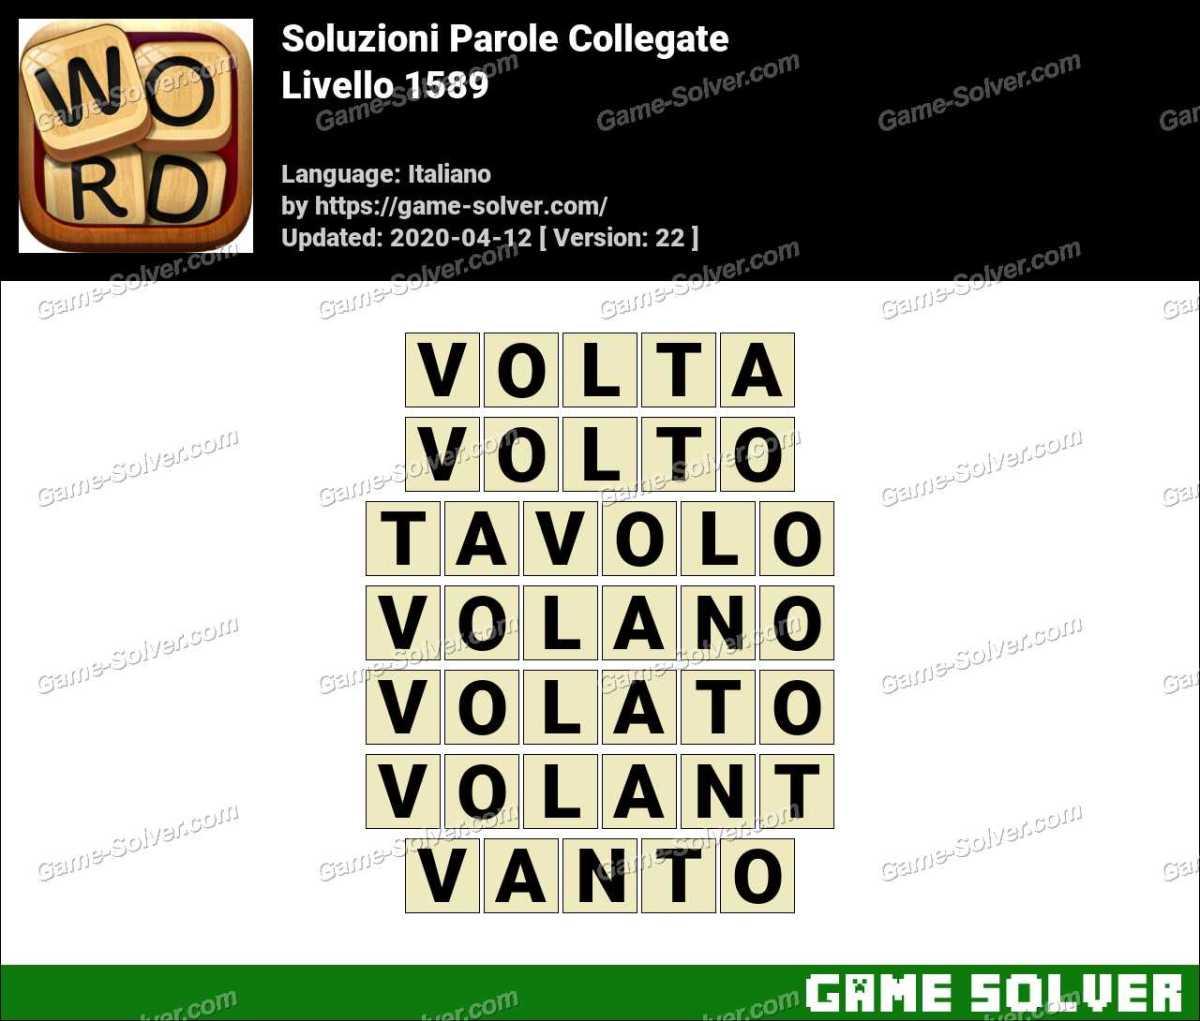 Soluzioni Parole Collegate Livello 1589